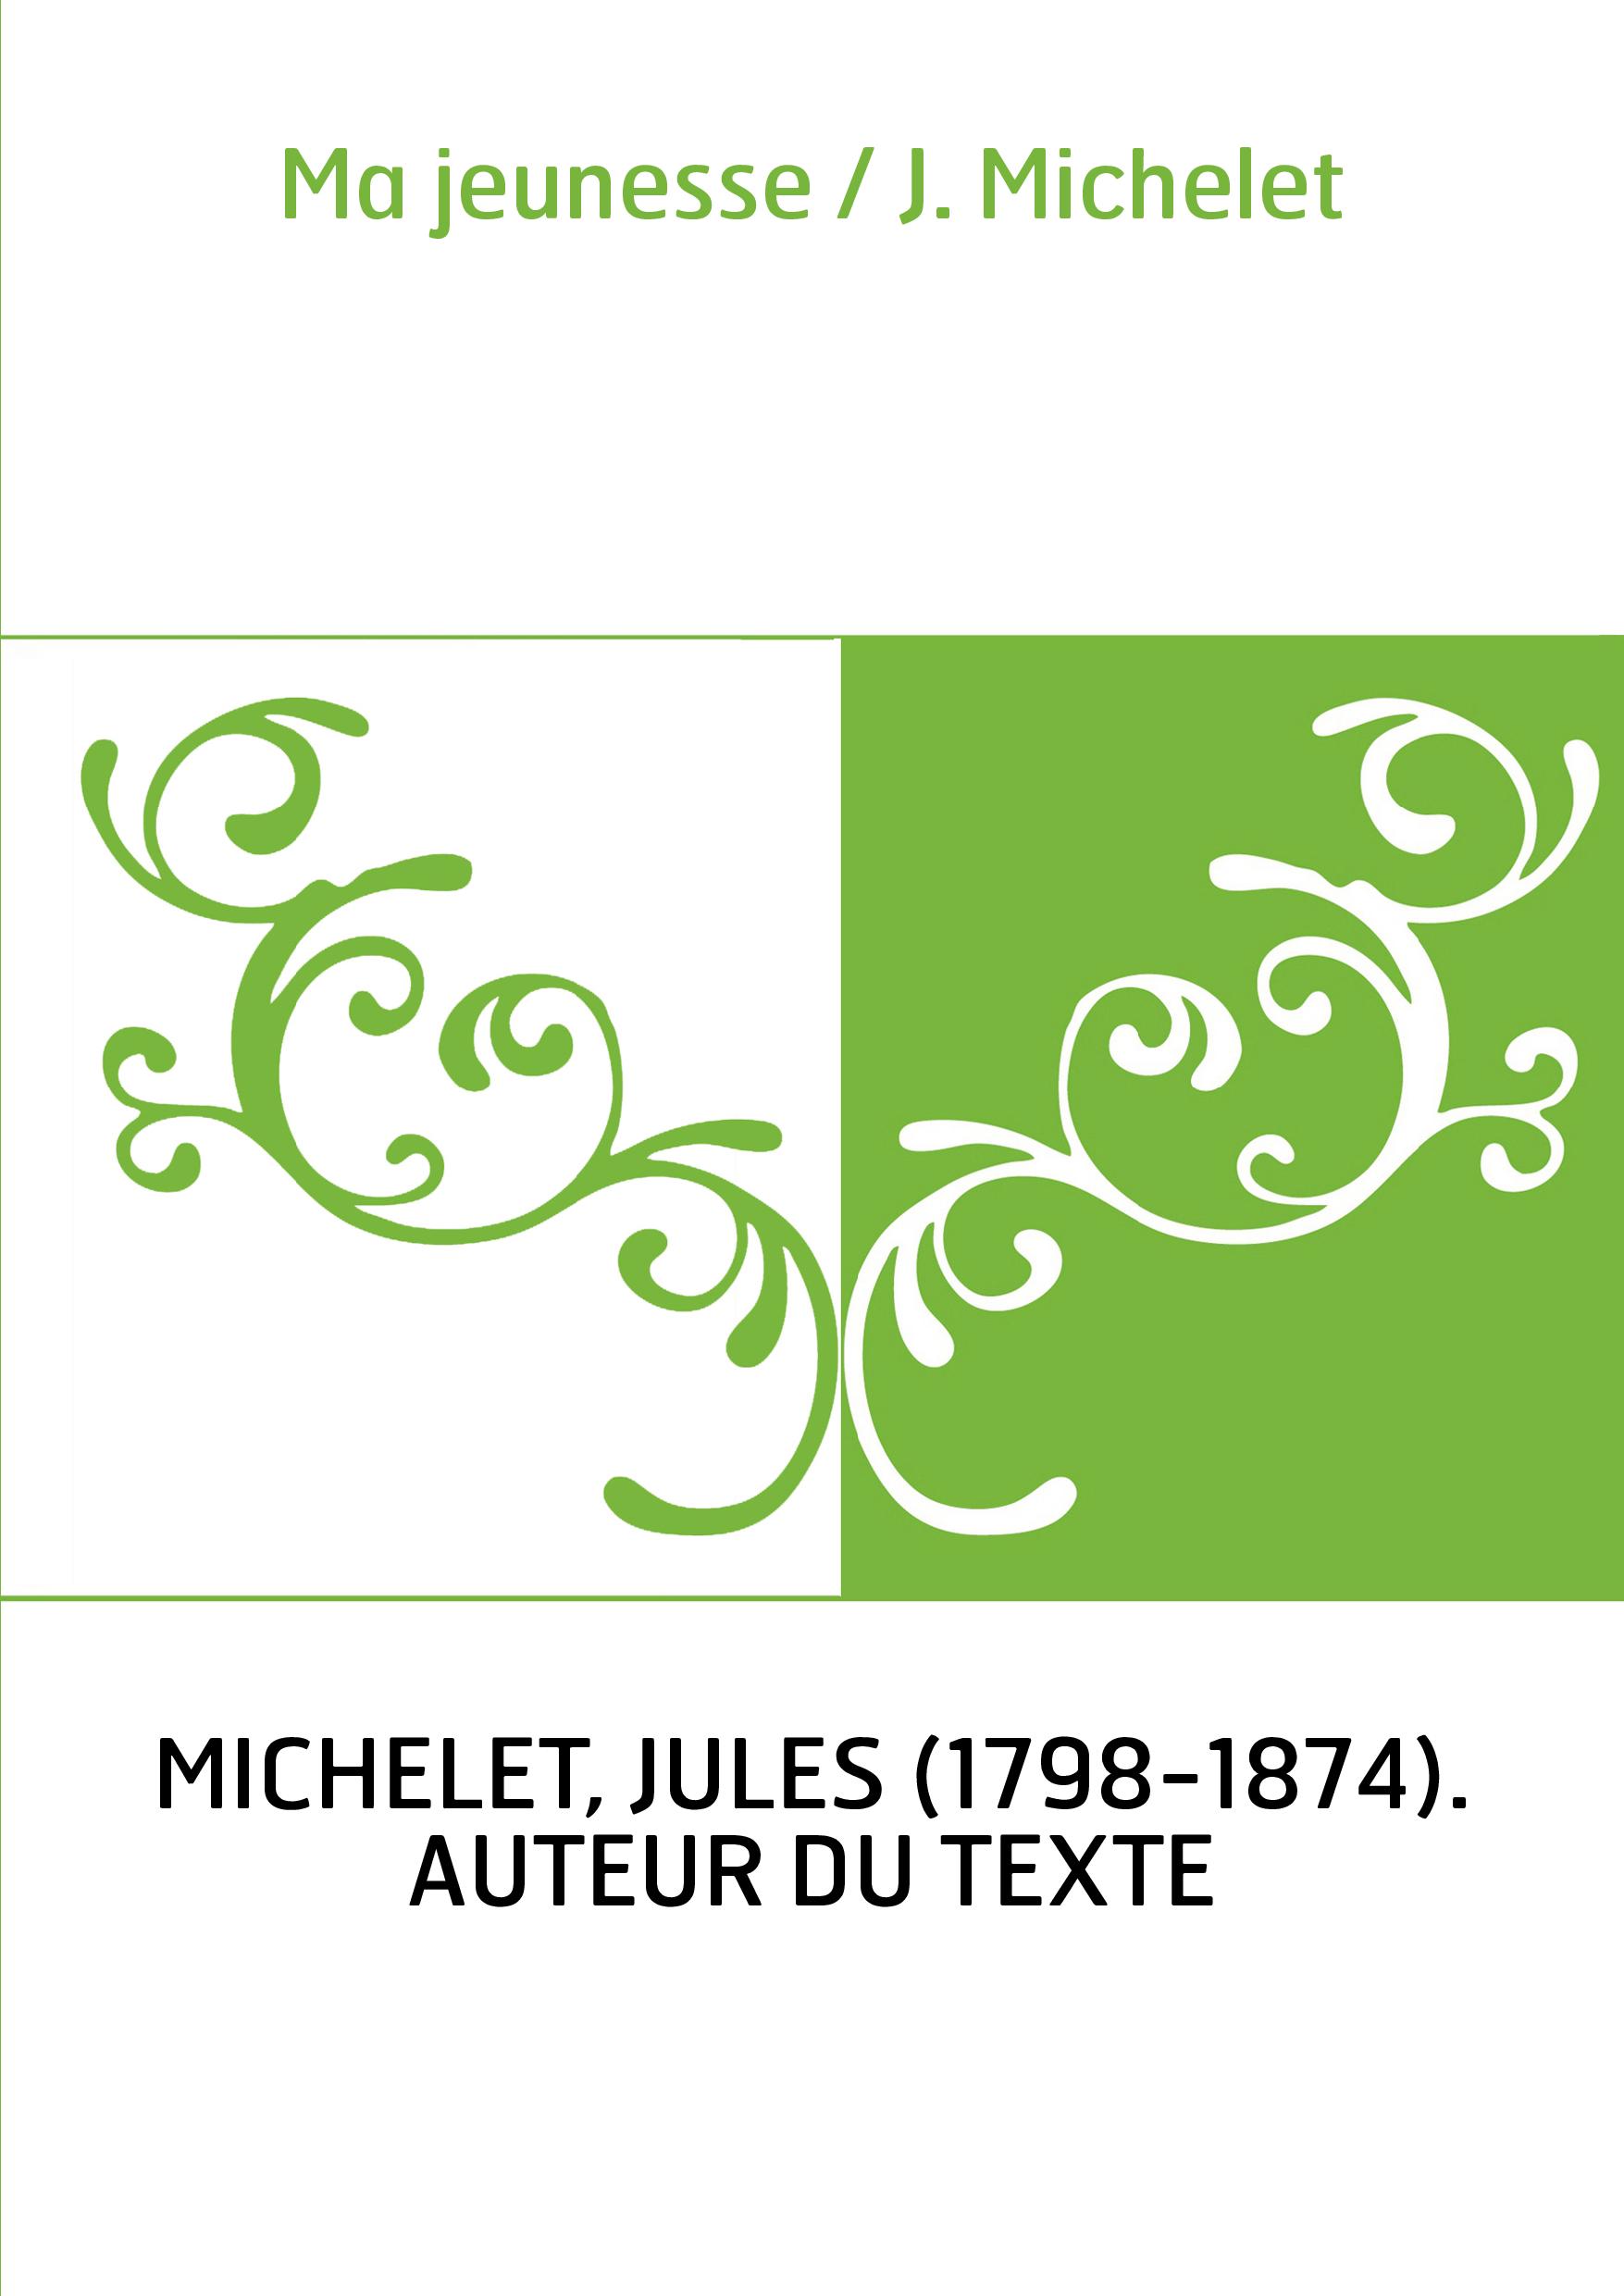 Ma jeunesse / J. Michelet